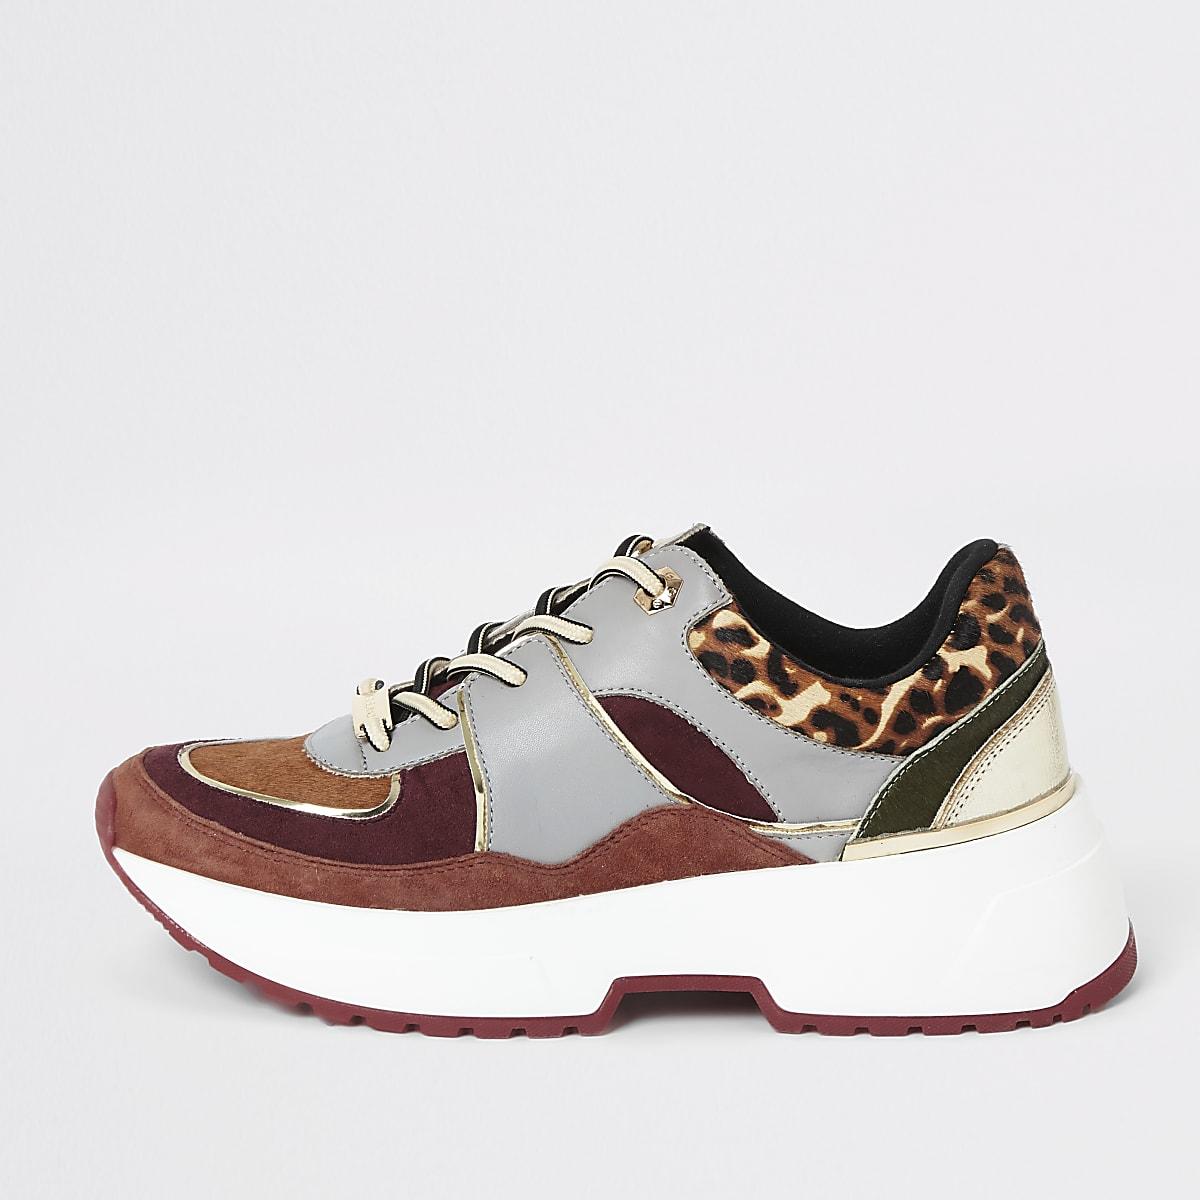 Rode sneakers met luipaardprint en veters